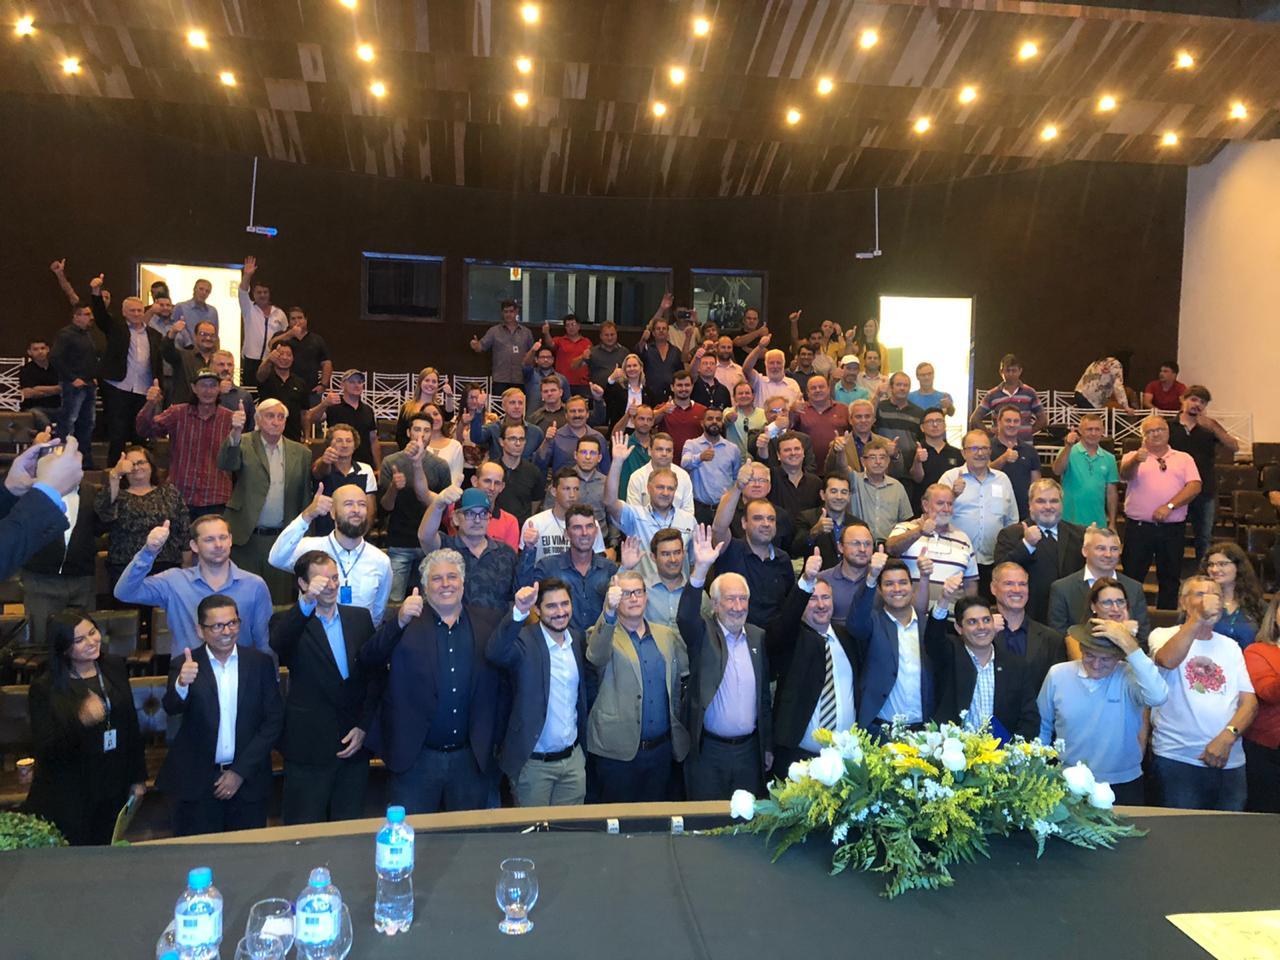 Audiência pública em São Mateus do Sul reúne autoridades locais e do Governo do Estado para discutir potencialidades na região